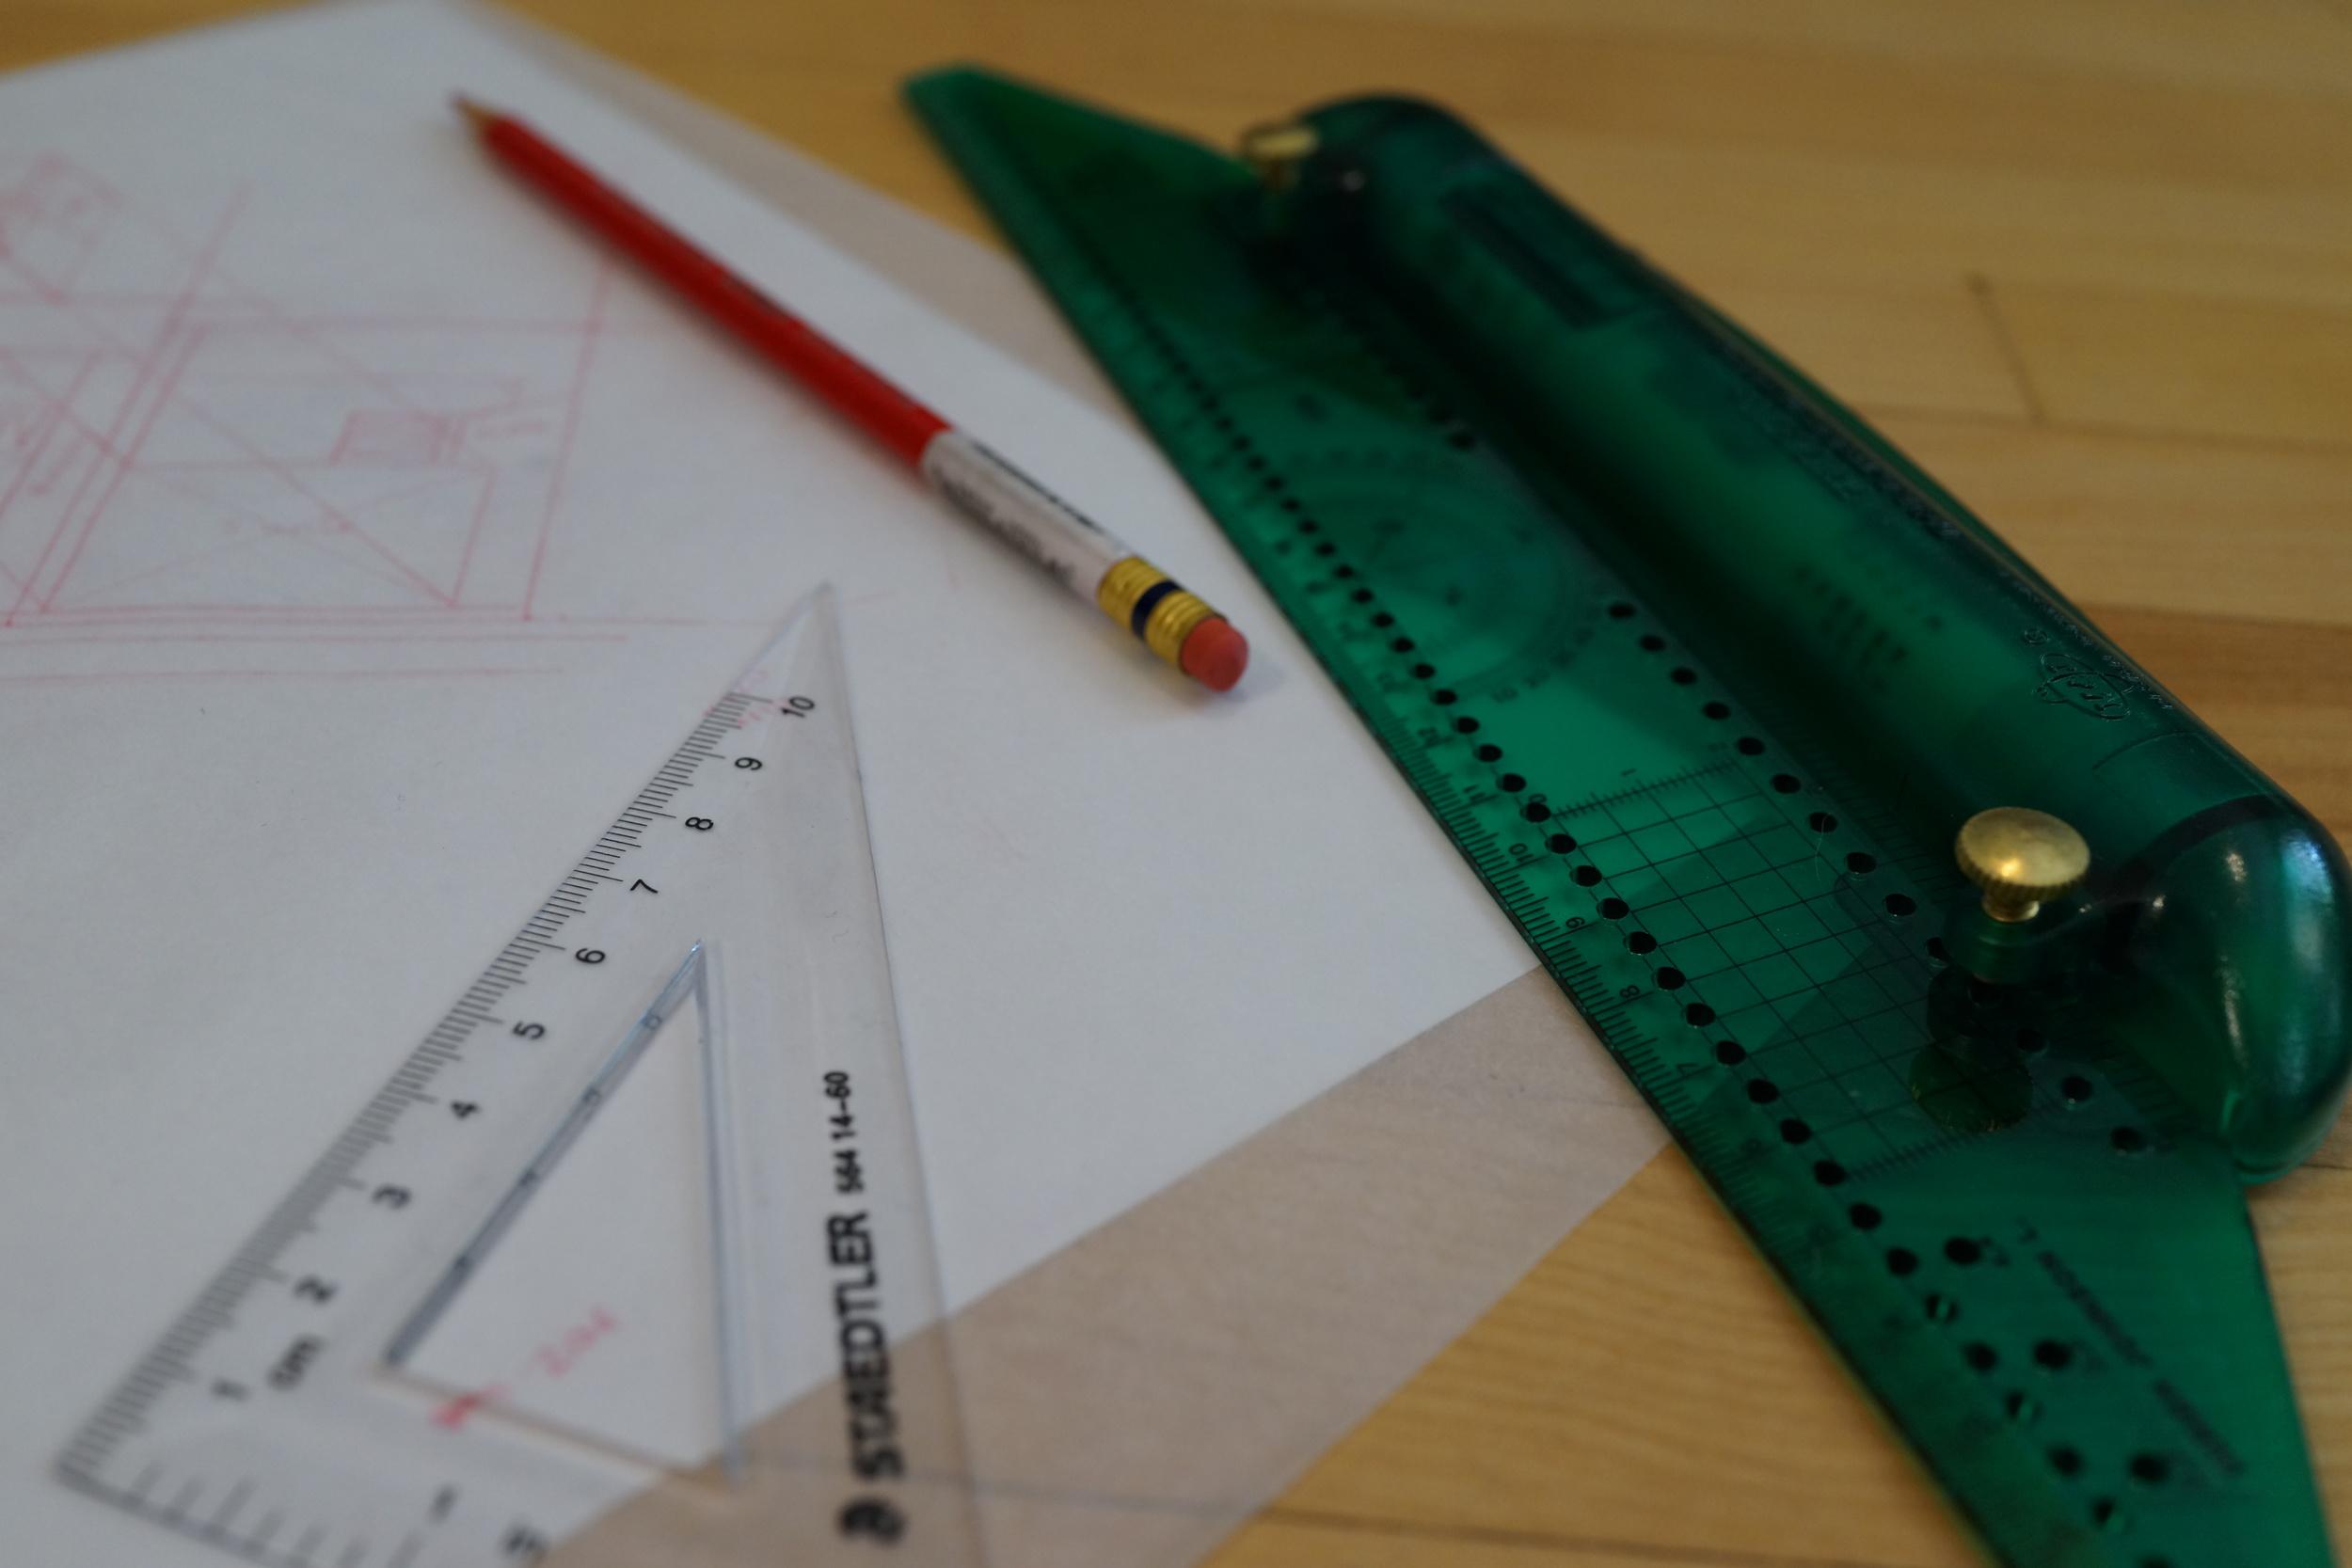 Col-Erase Pencil & Rulers